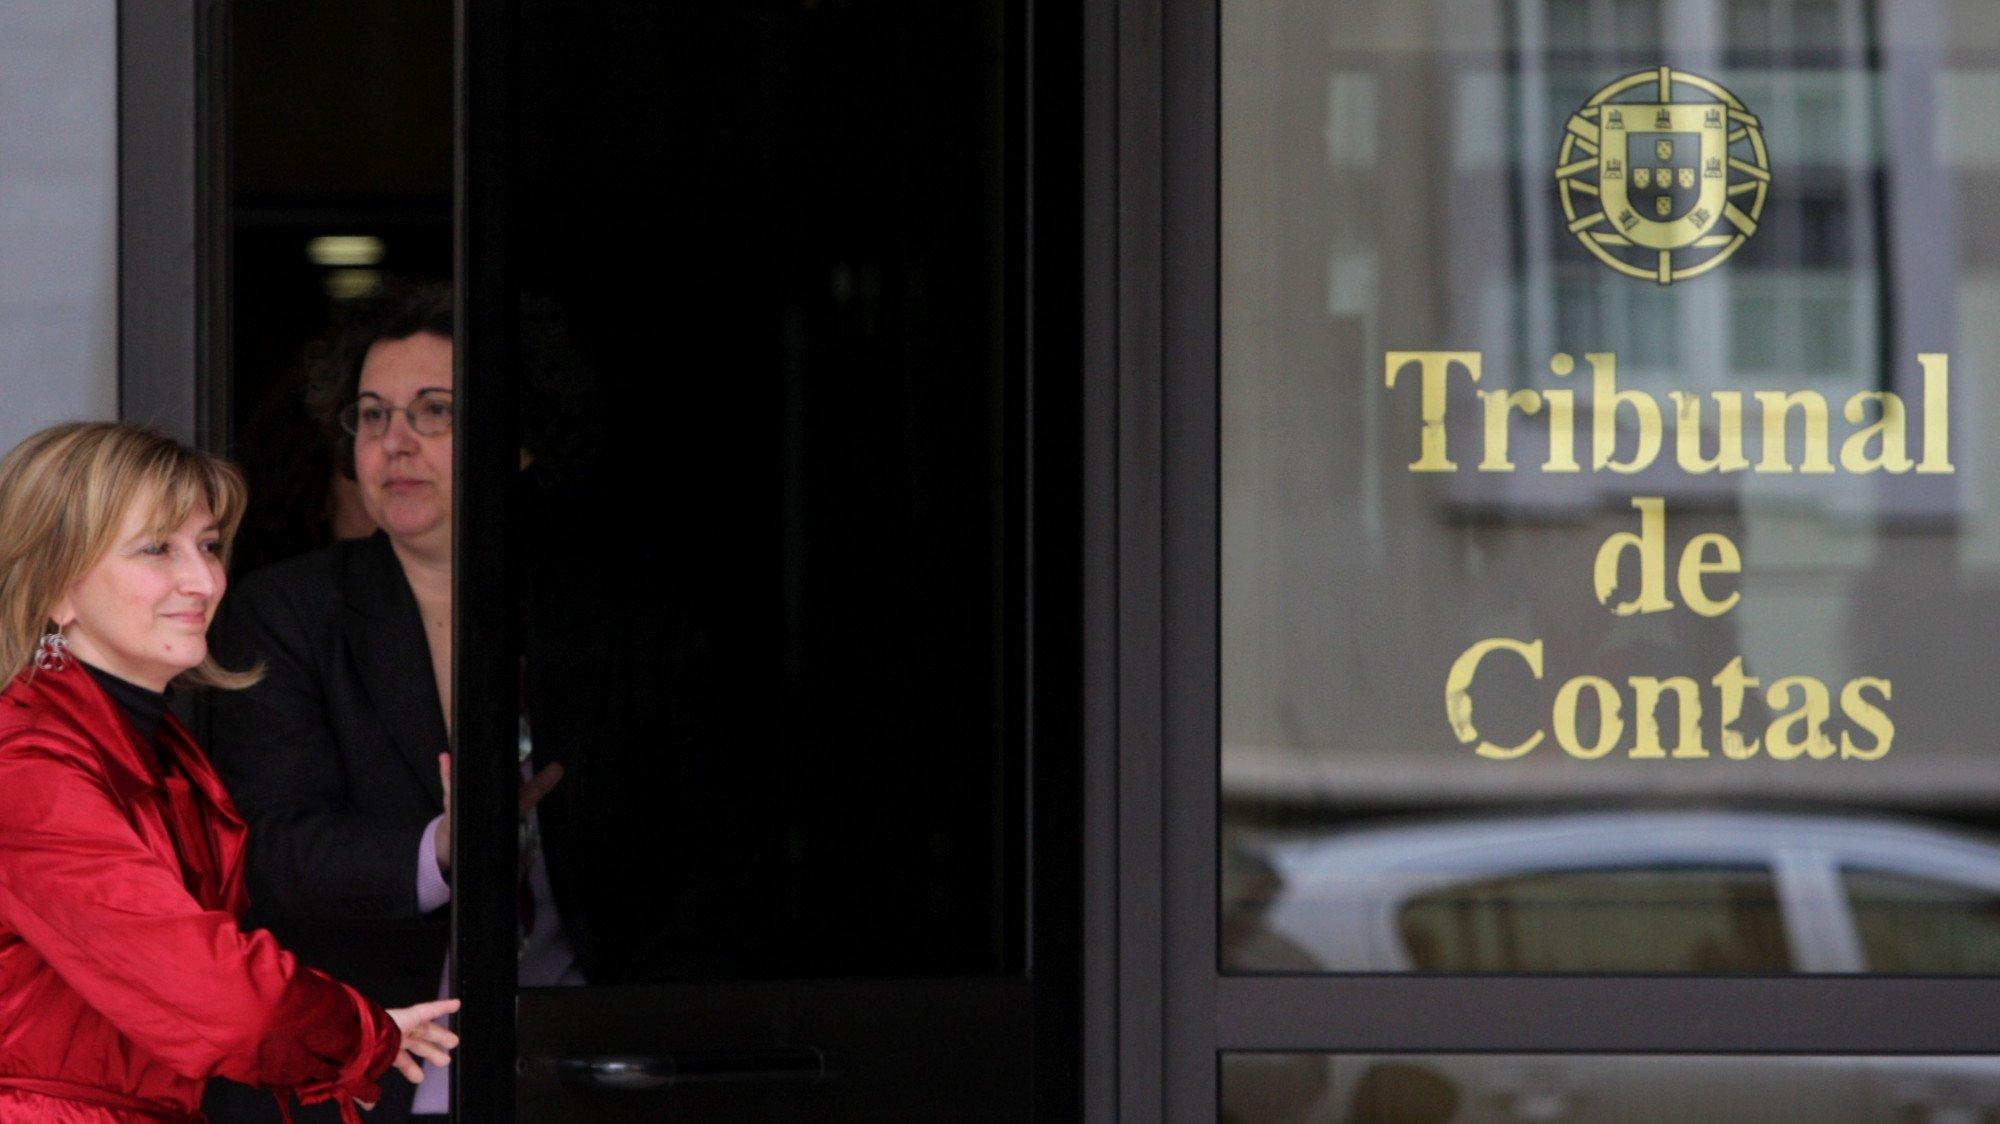 Porta principal do Tribunal de Contas